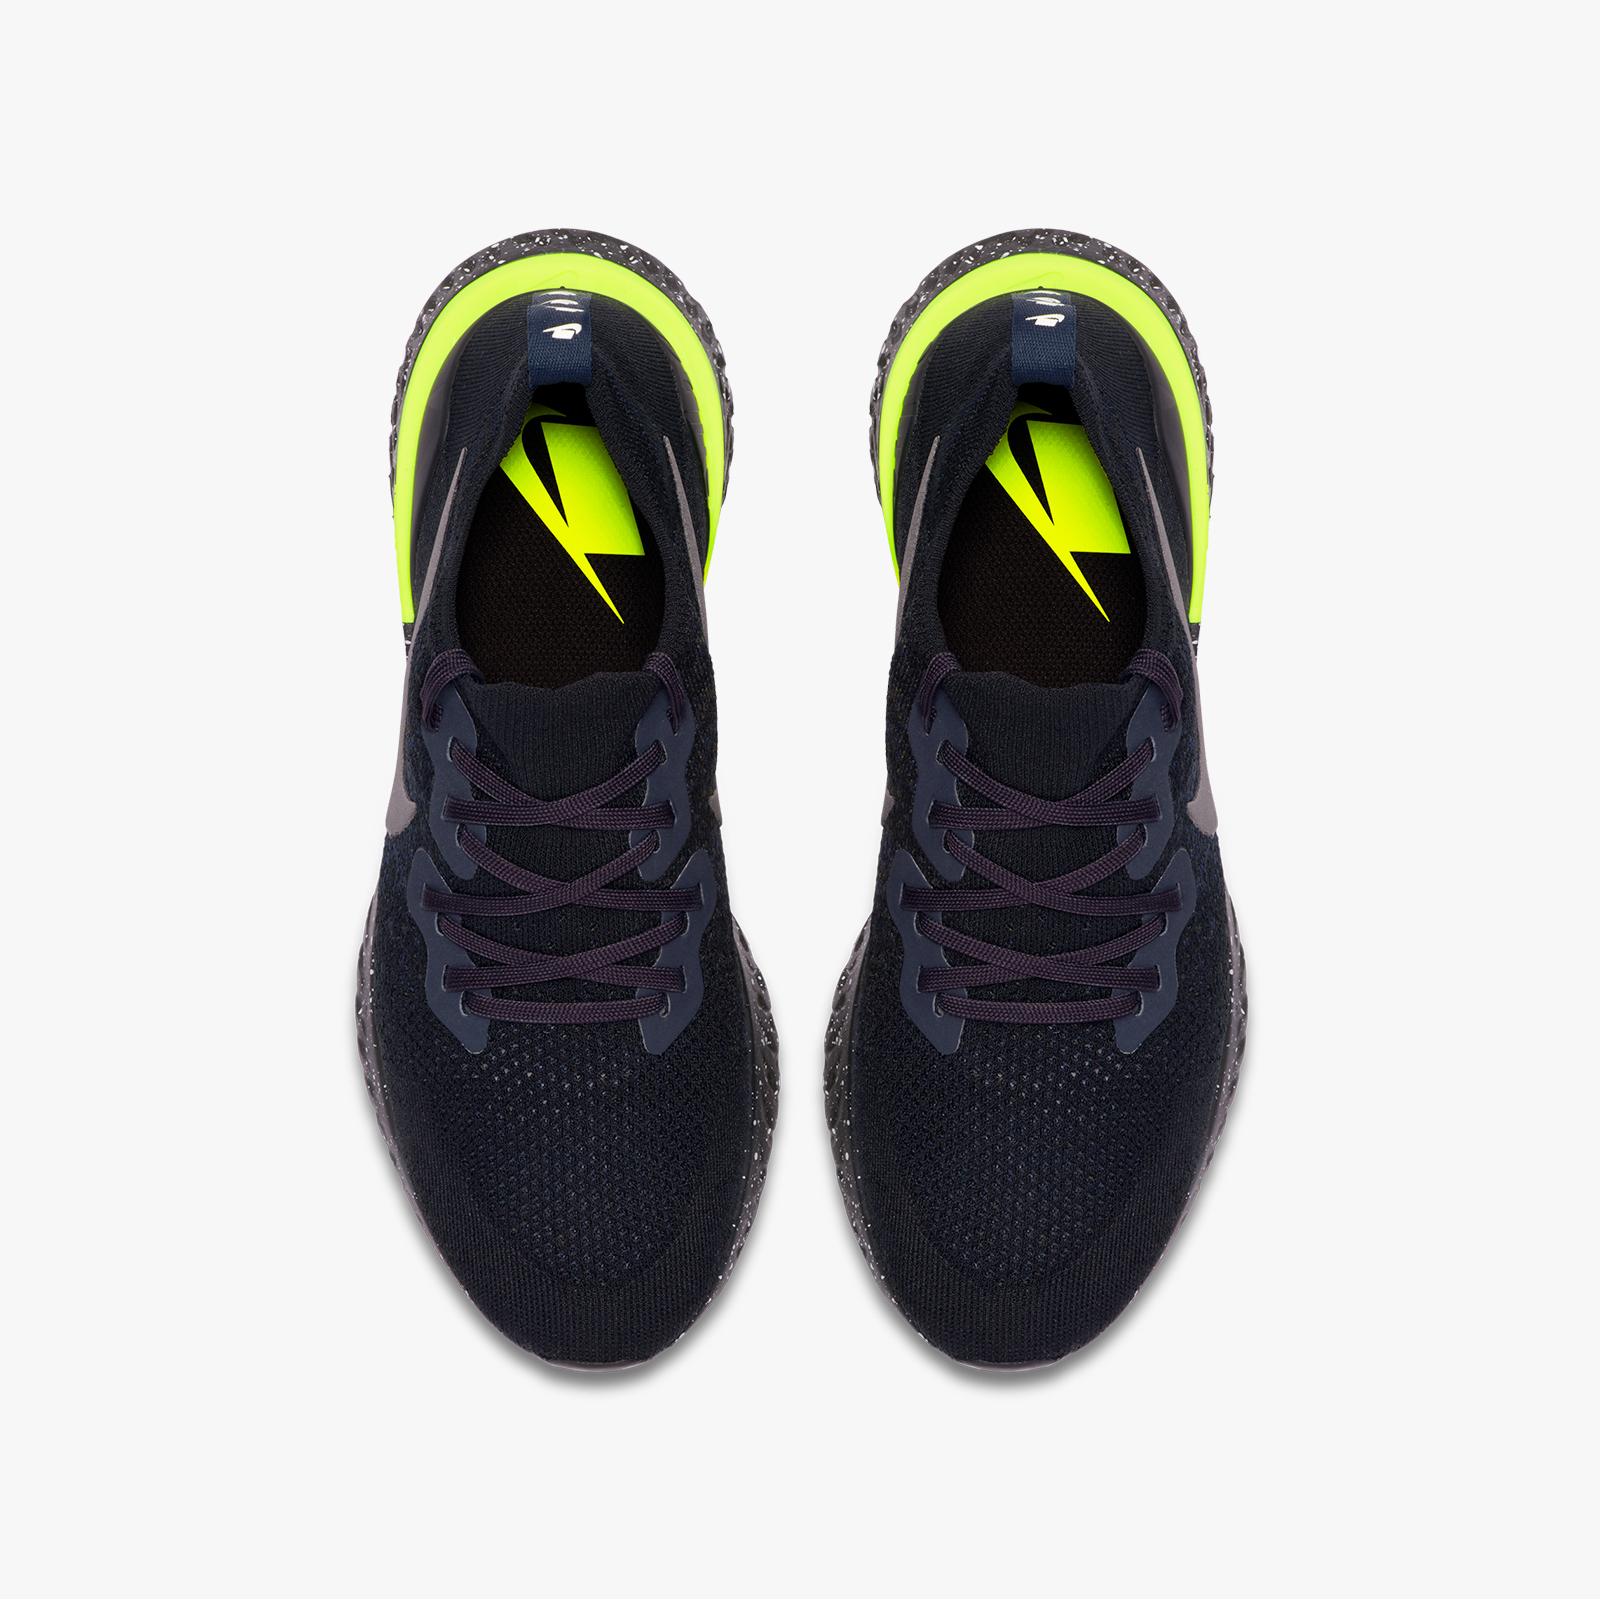 Nike Epic React Flyknit 2 SE - Ci6443